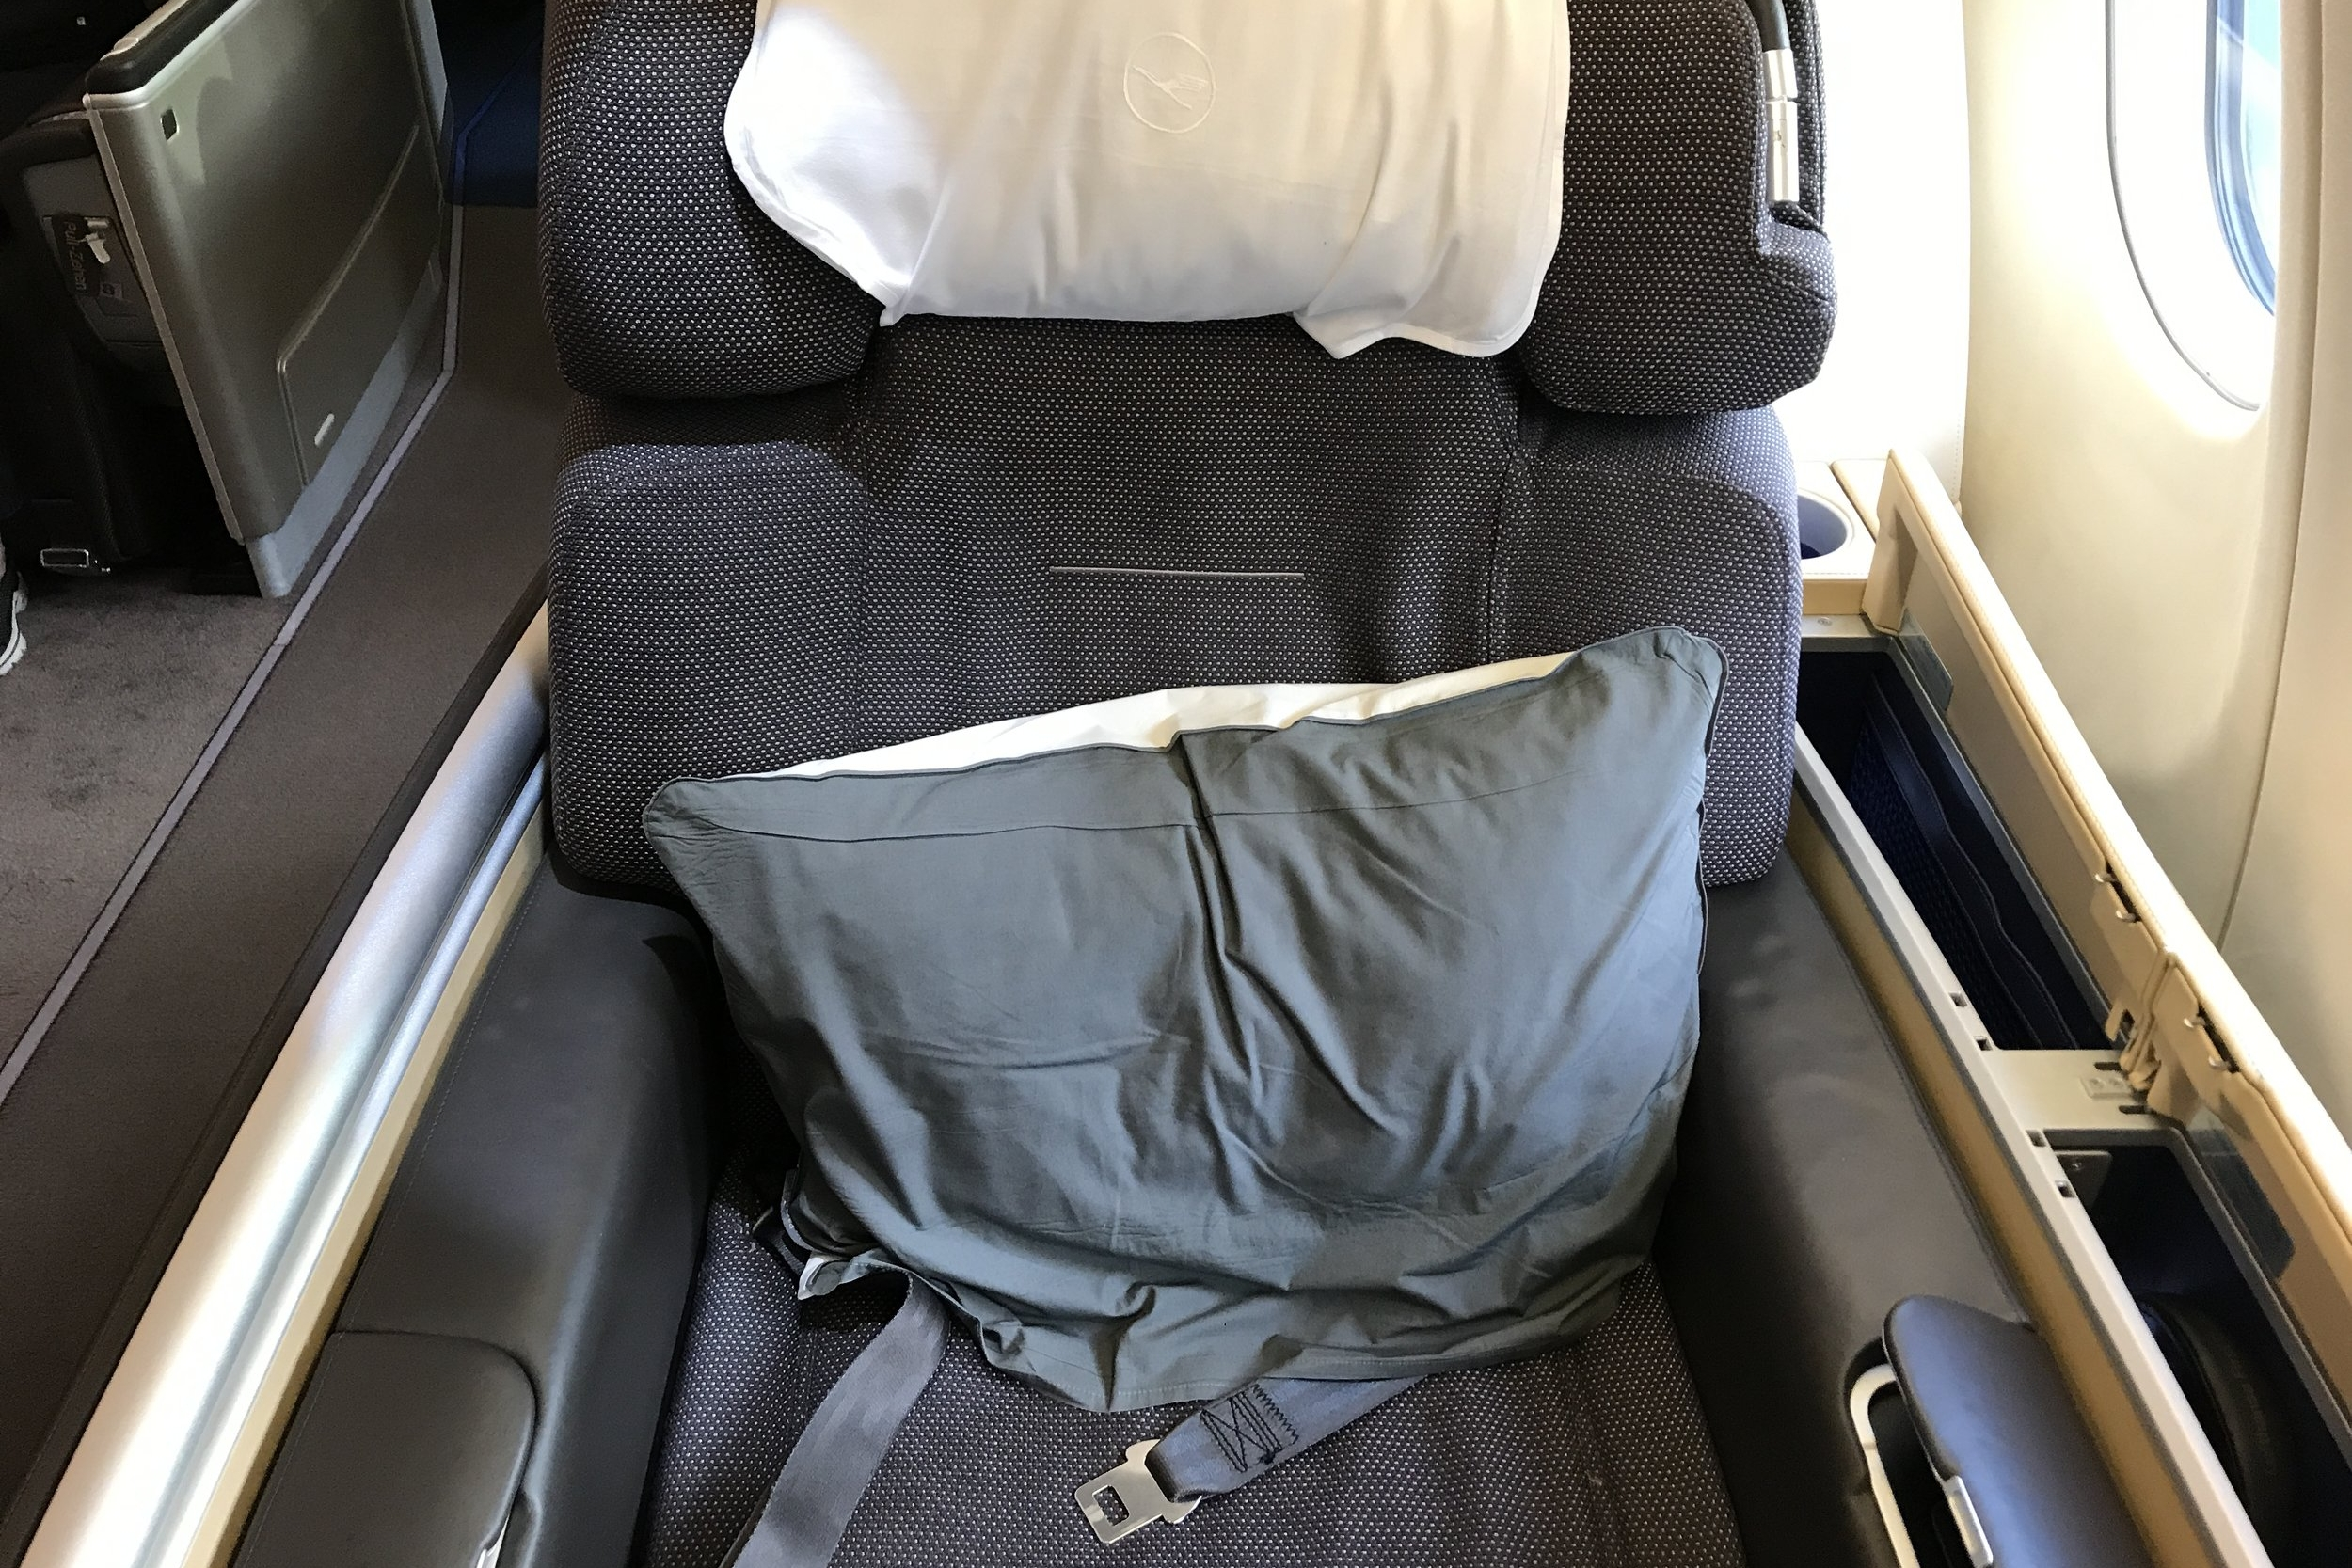 Lufthansa First Class – Seat 1A